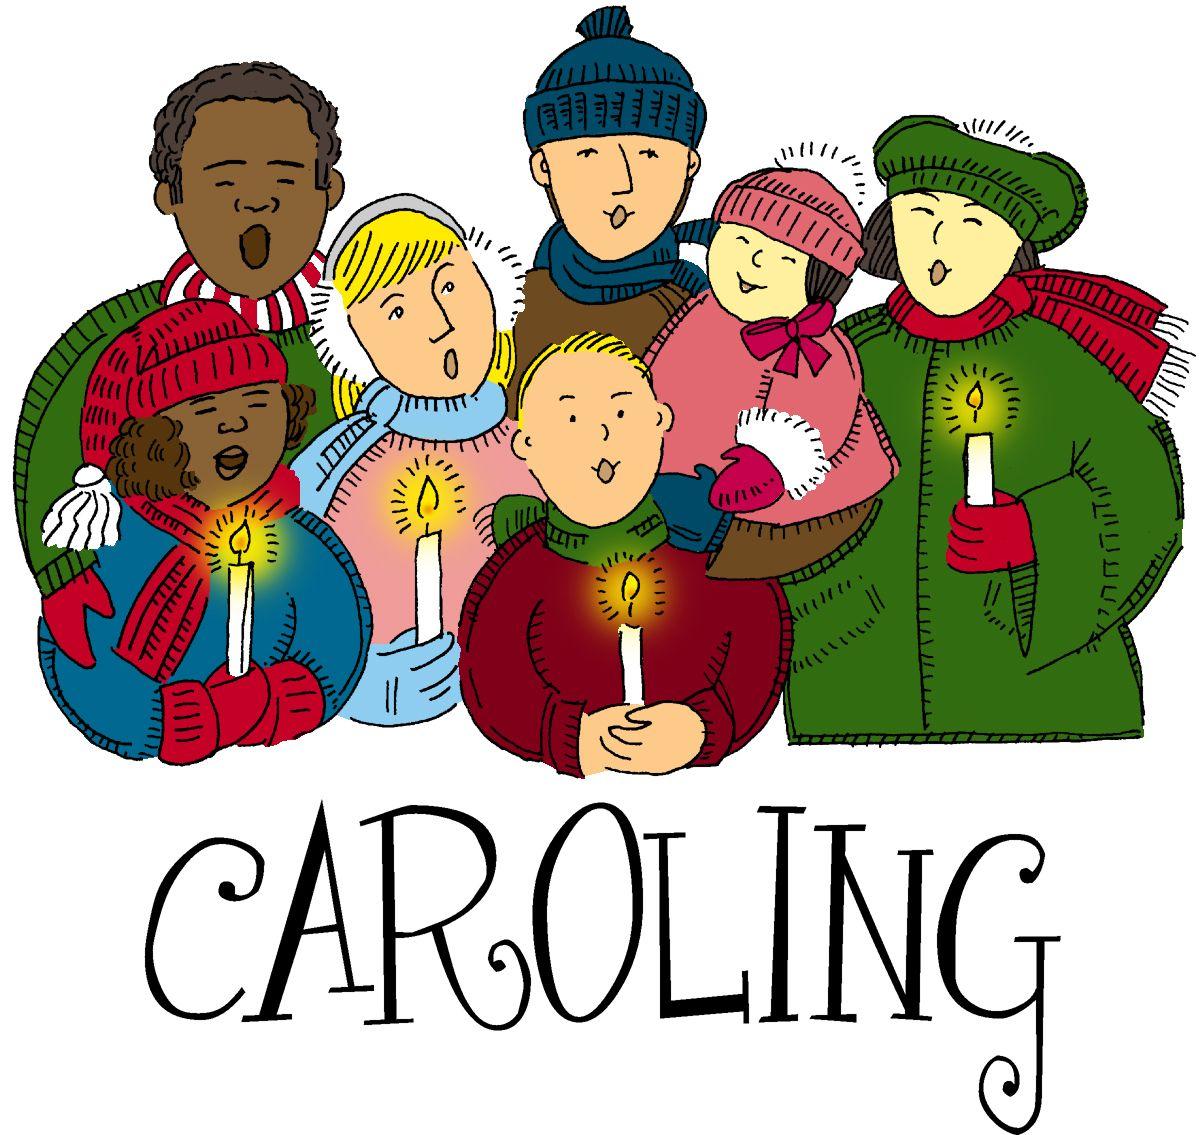 . Caroling clipart memories